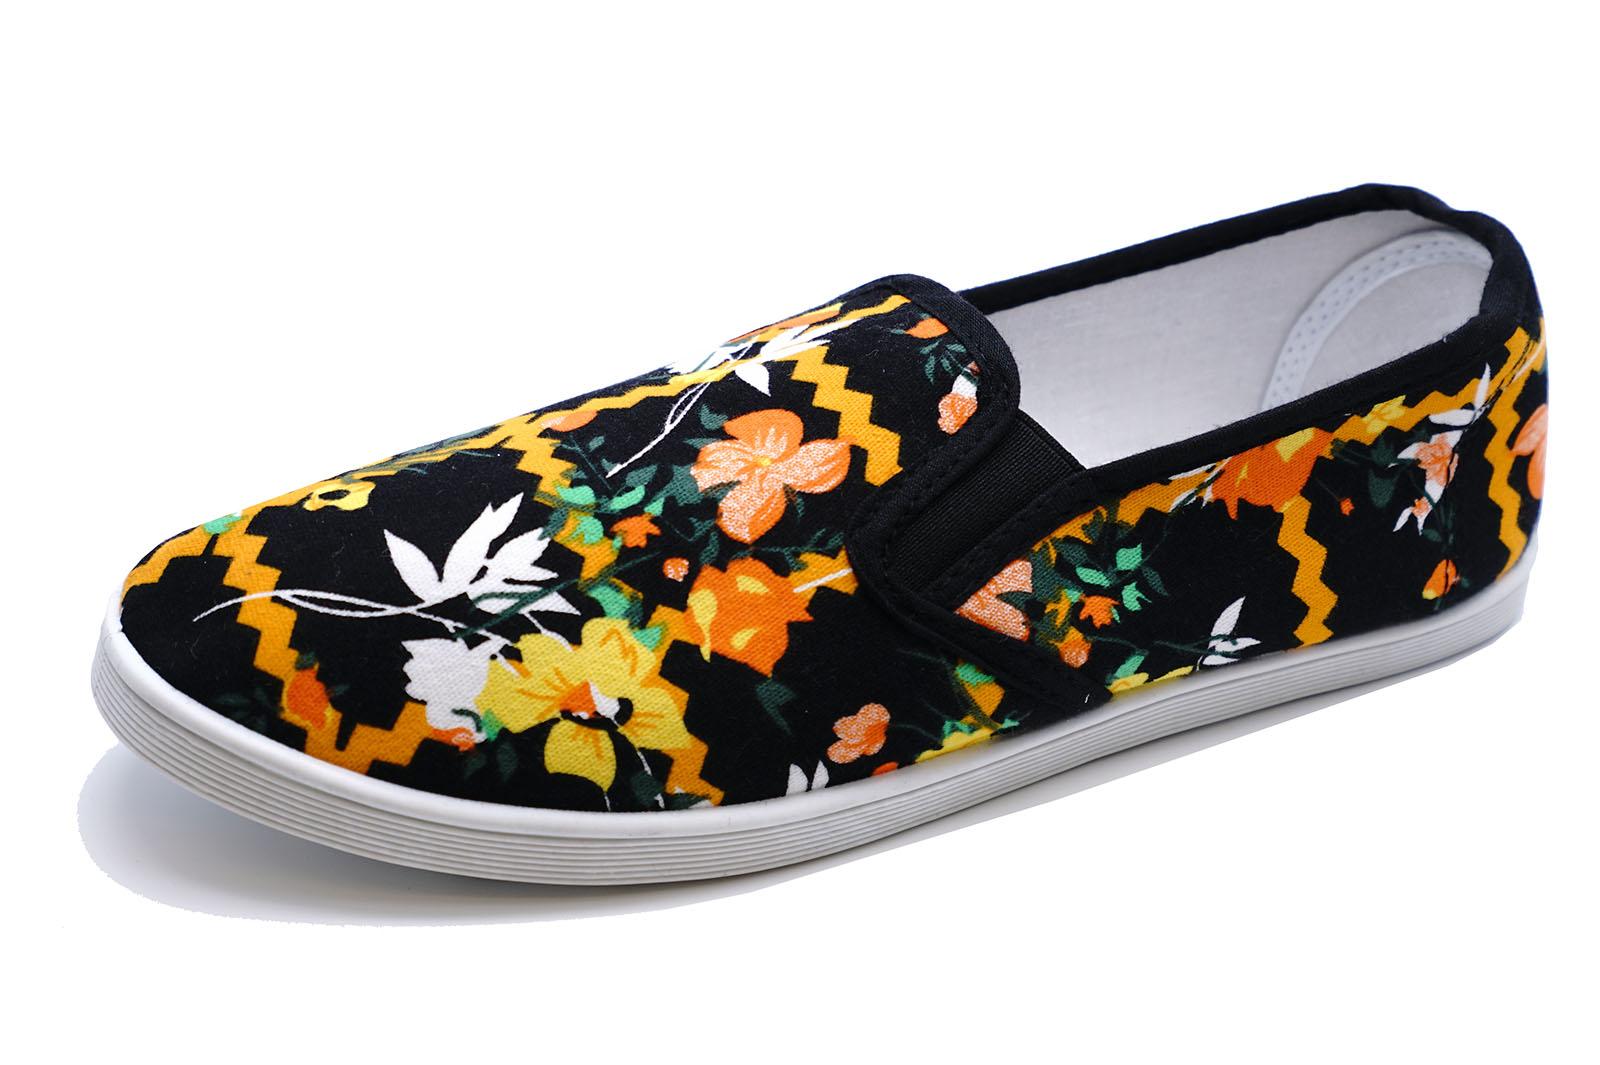 Para mujer Negro Naranja Slip-on Lona Plano Sin Cordones Cómodo Zapatos 3-8 bombas de flotación